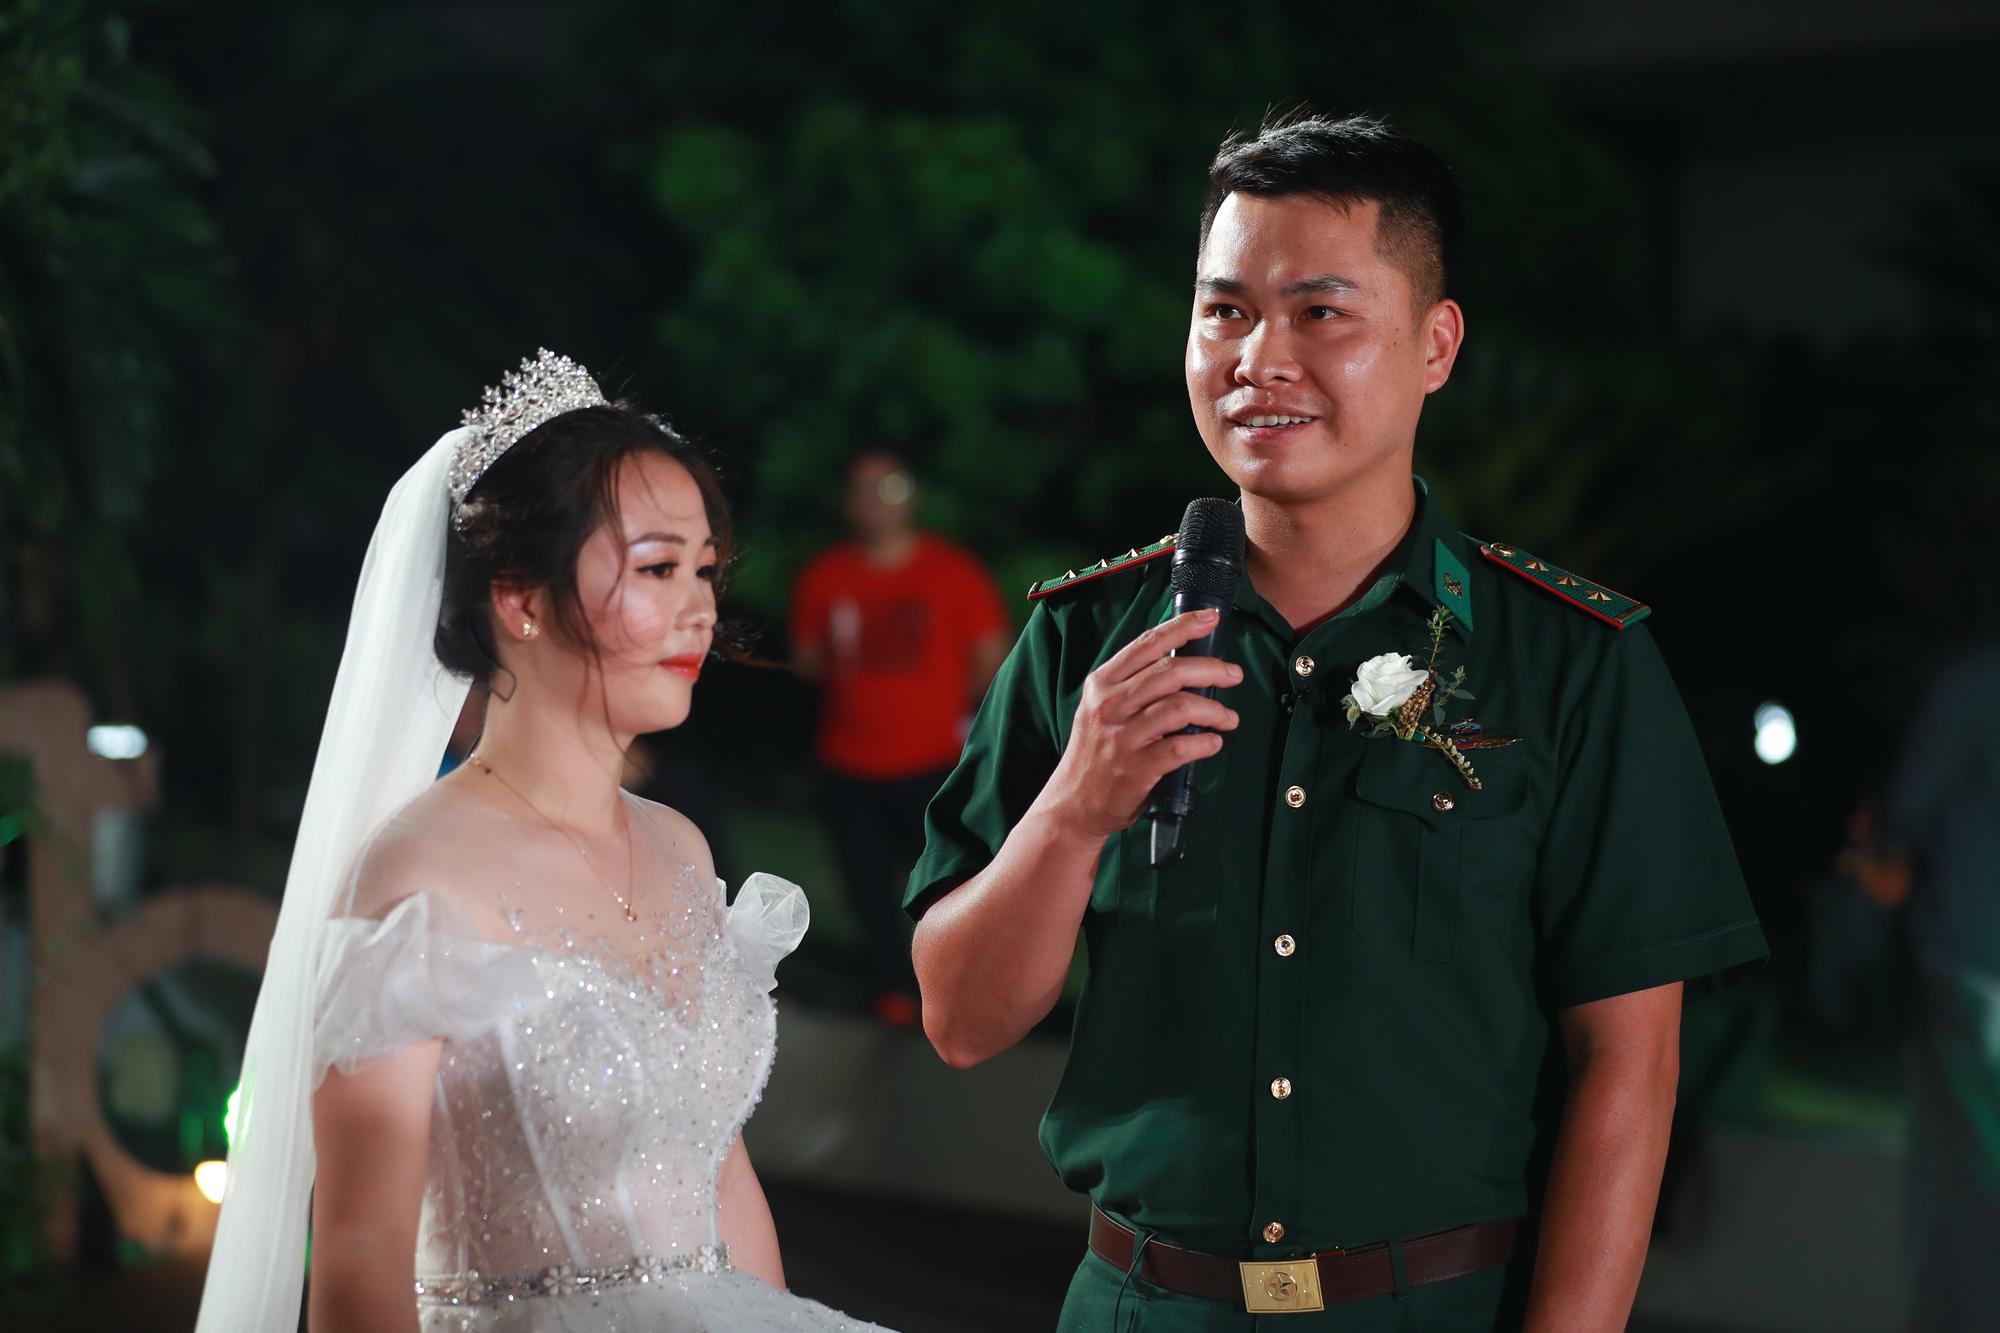 Điều ước thứ 7: Đám cưới đặc biệt của người chiến sĩ giữa mùa dịch COVID-19 - Ảnh 10.